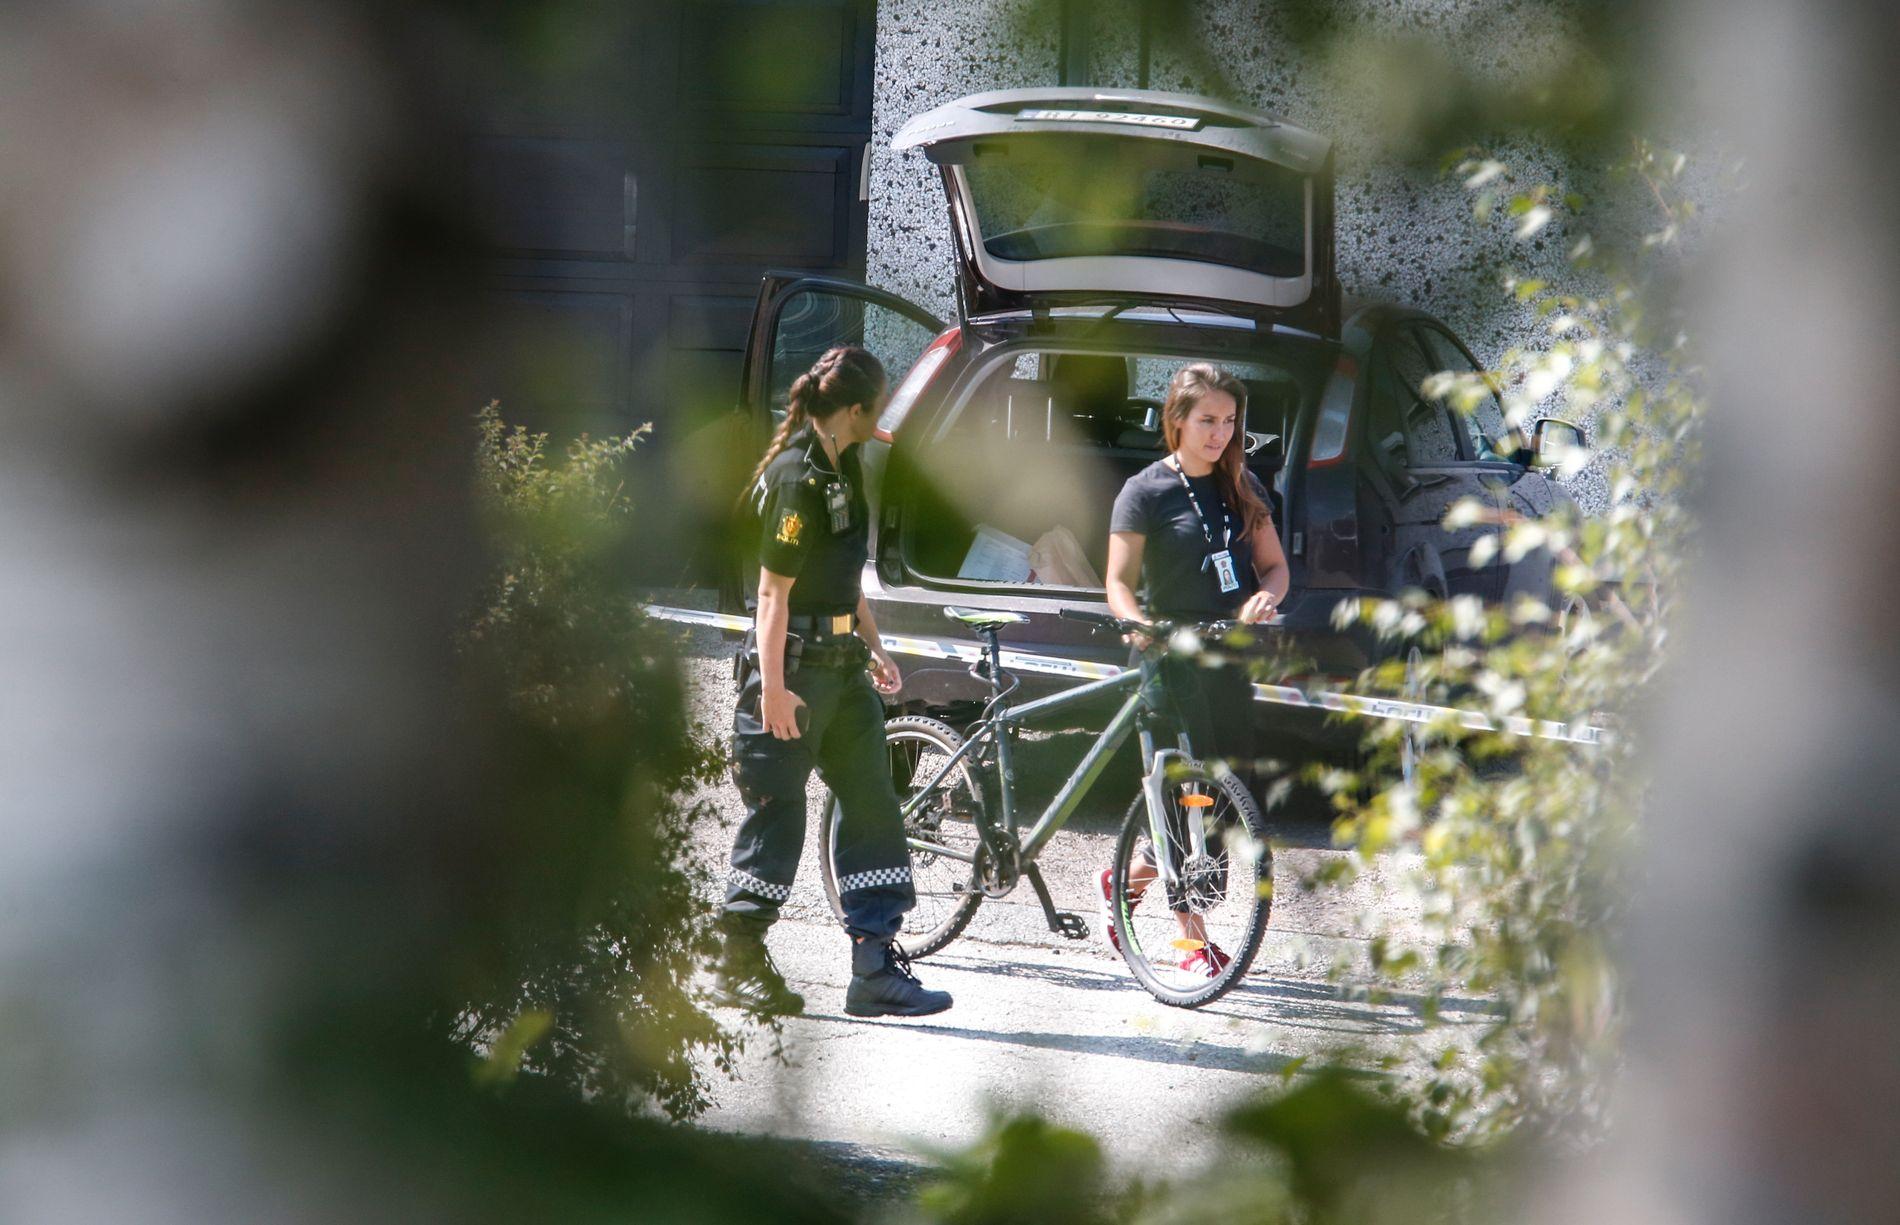 BESLAG: Politiet tok onsdag beslag i en sykkel fra garasjen der den siktede bor.